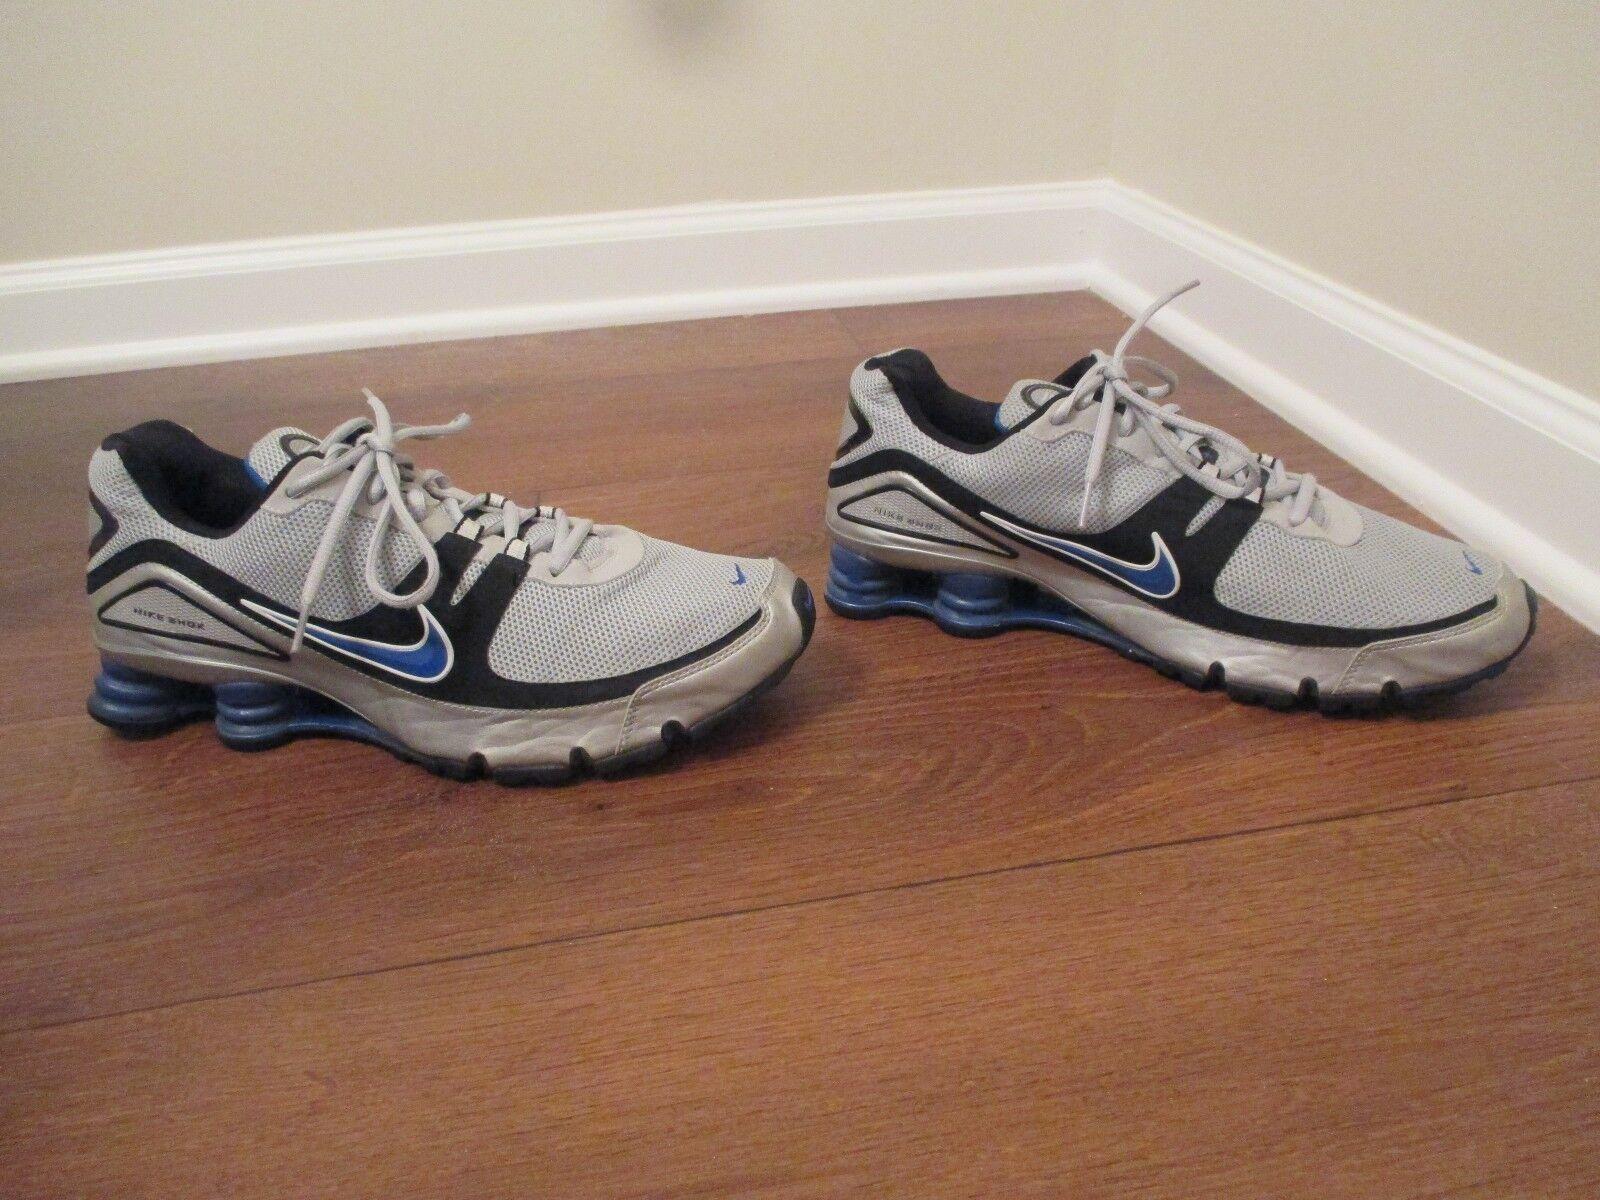 Usado Shox usado talla 12 nike Shox Usado NZ turbo V zapatos gris plata negro azul d1fac5